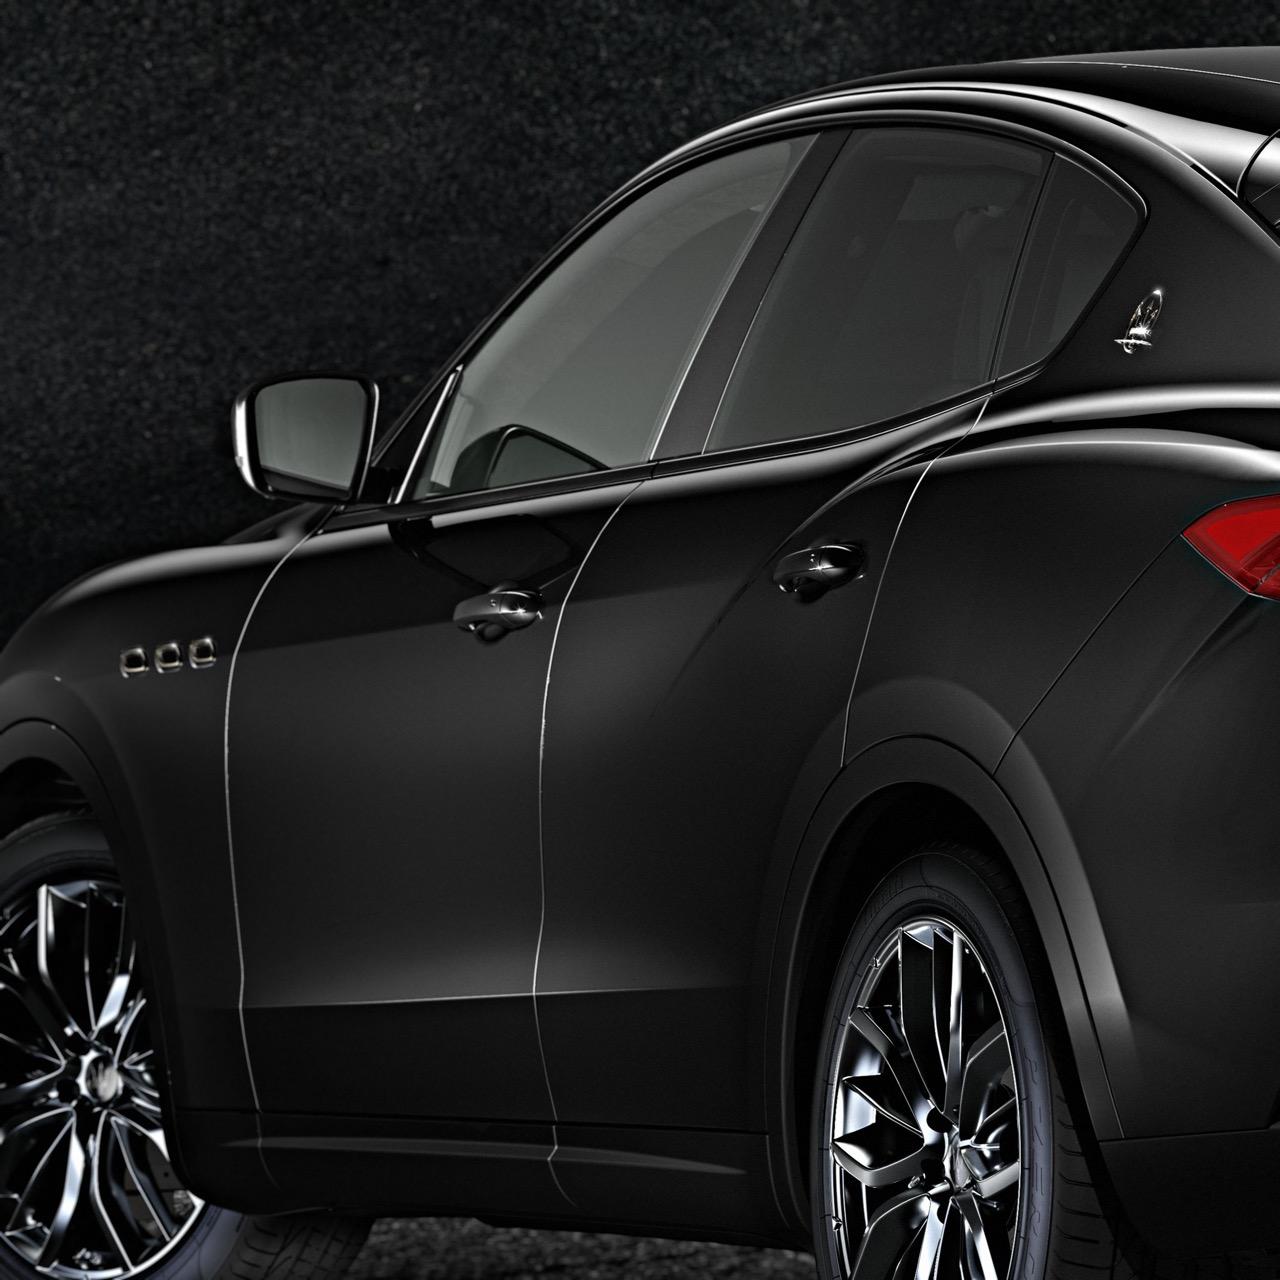 Maserati-Geneve-Nerissimo-10